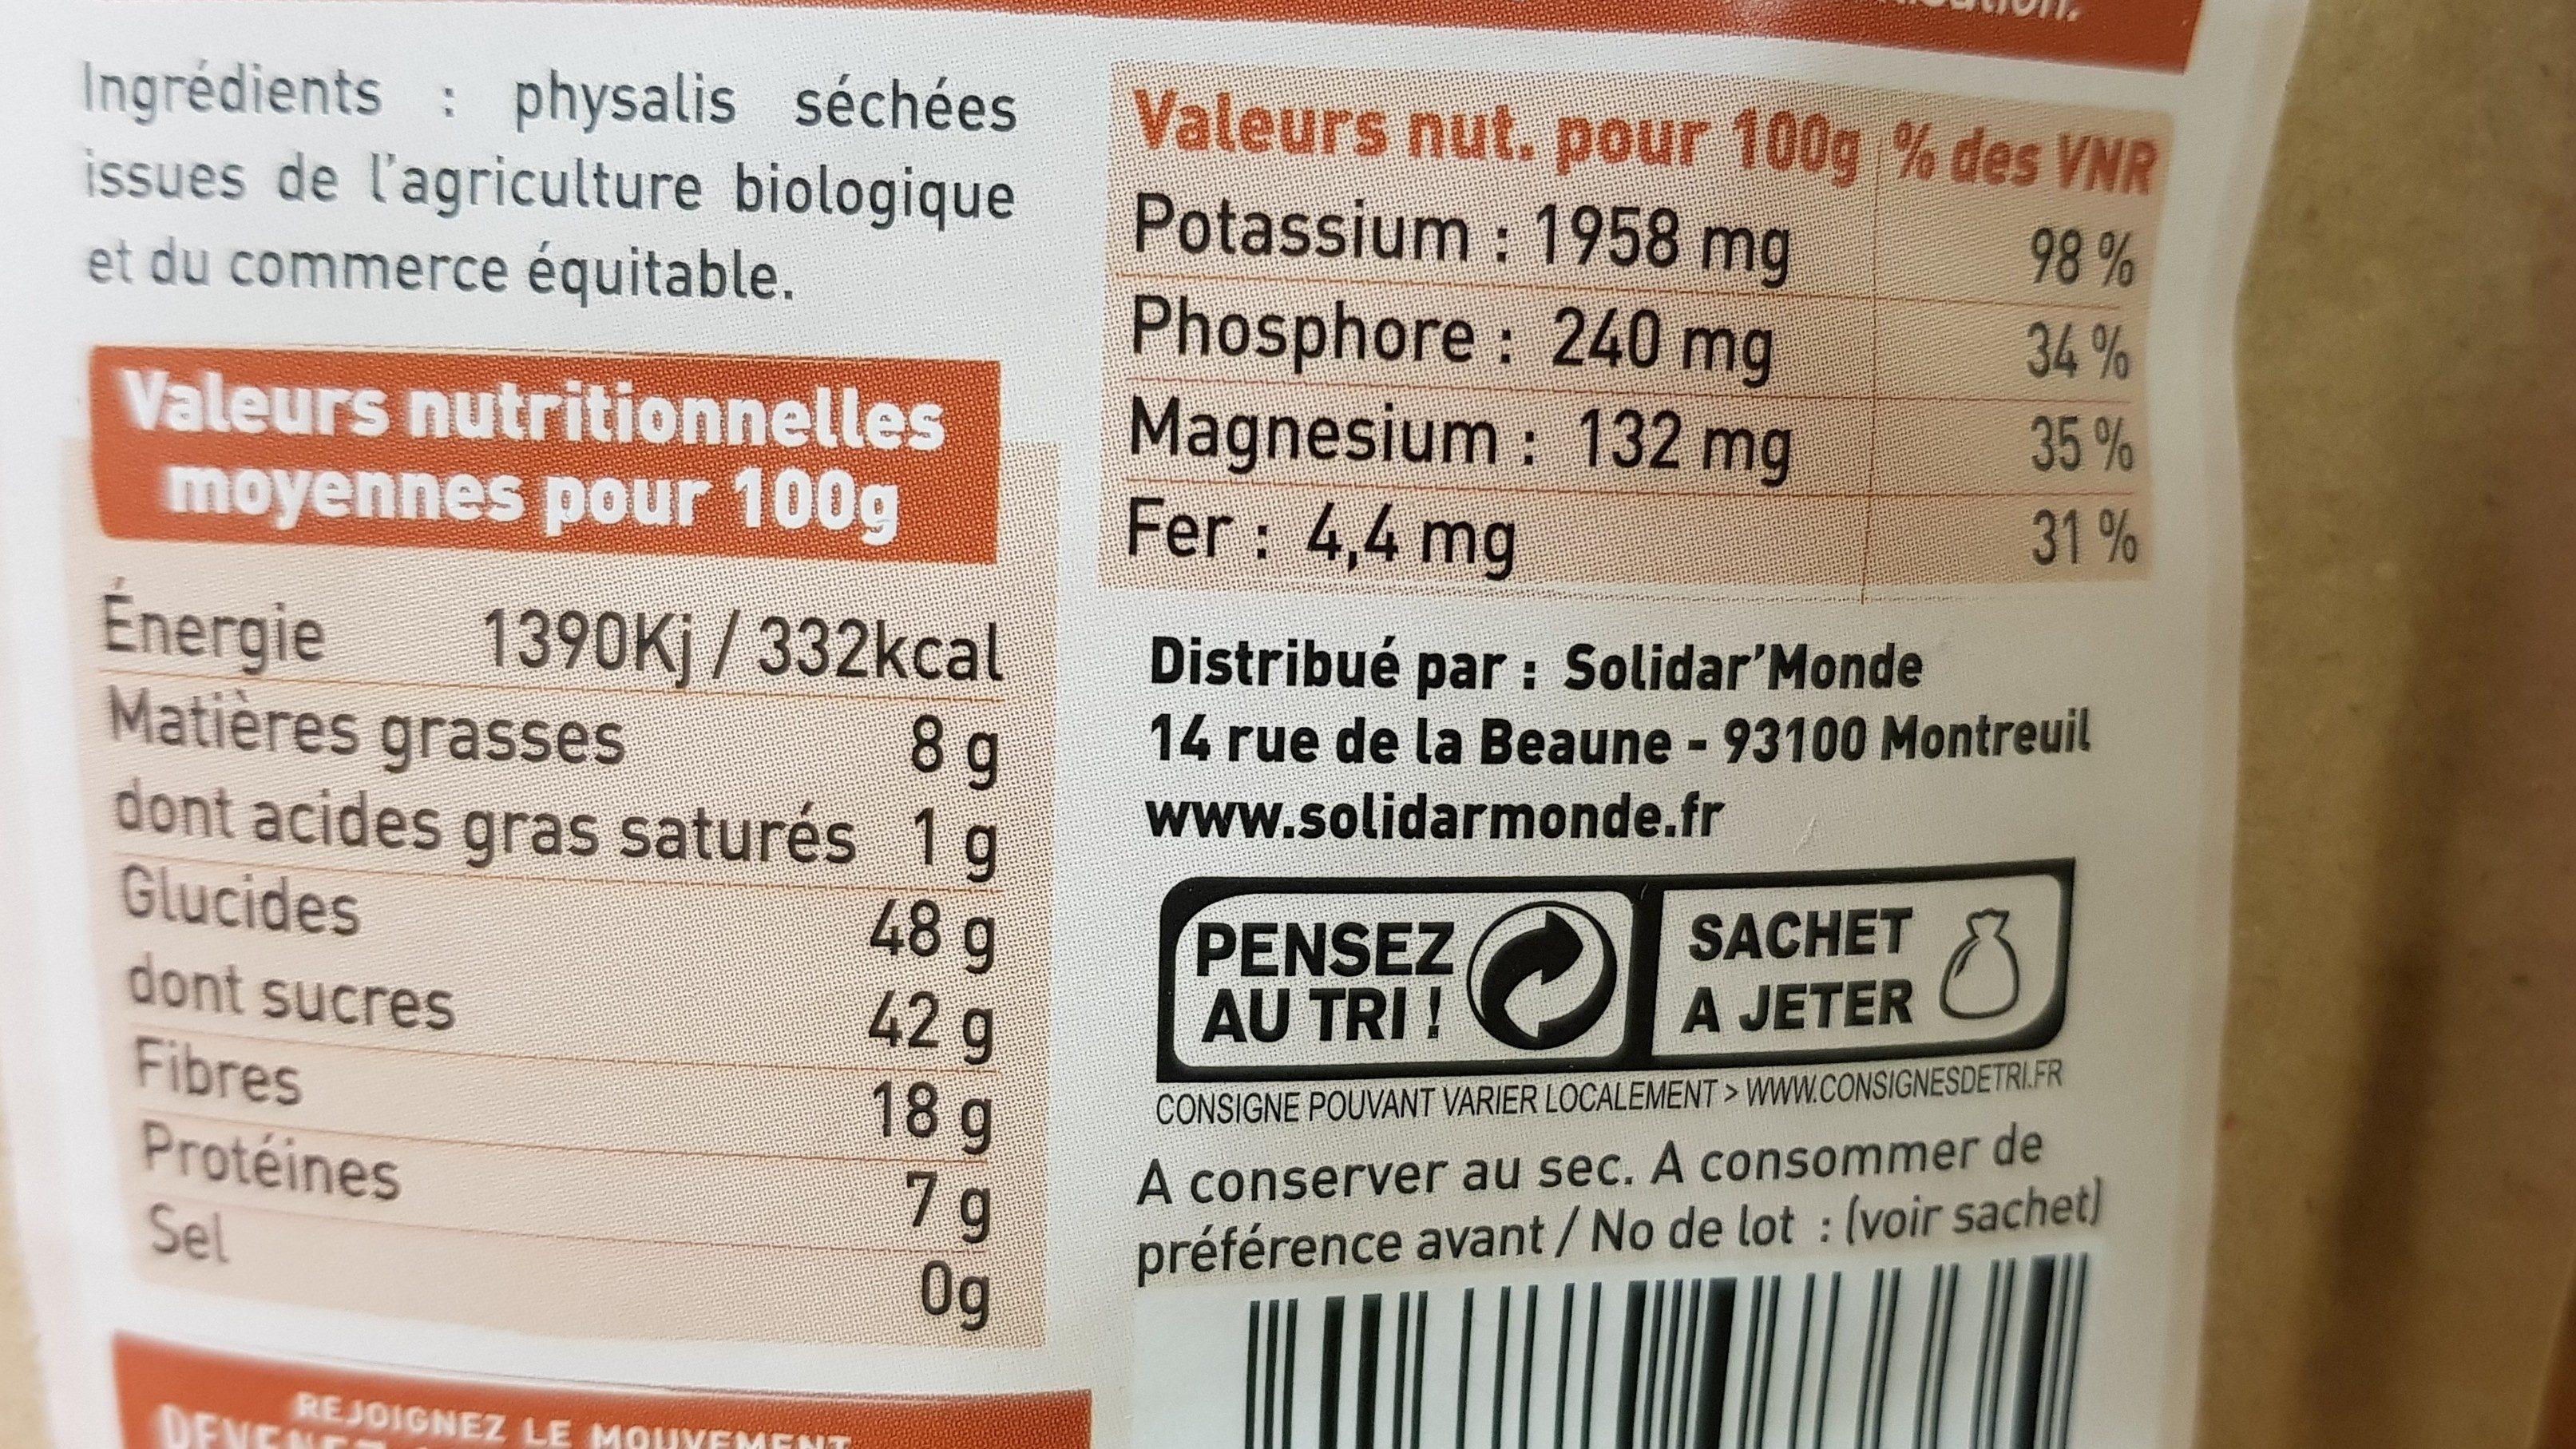 Physalis séchée colombie - Ingredients - fr